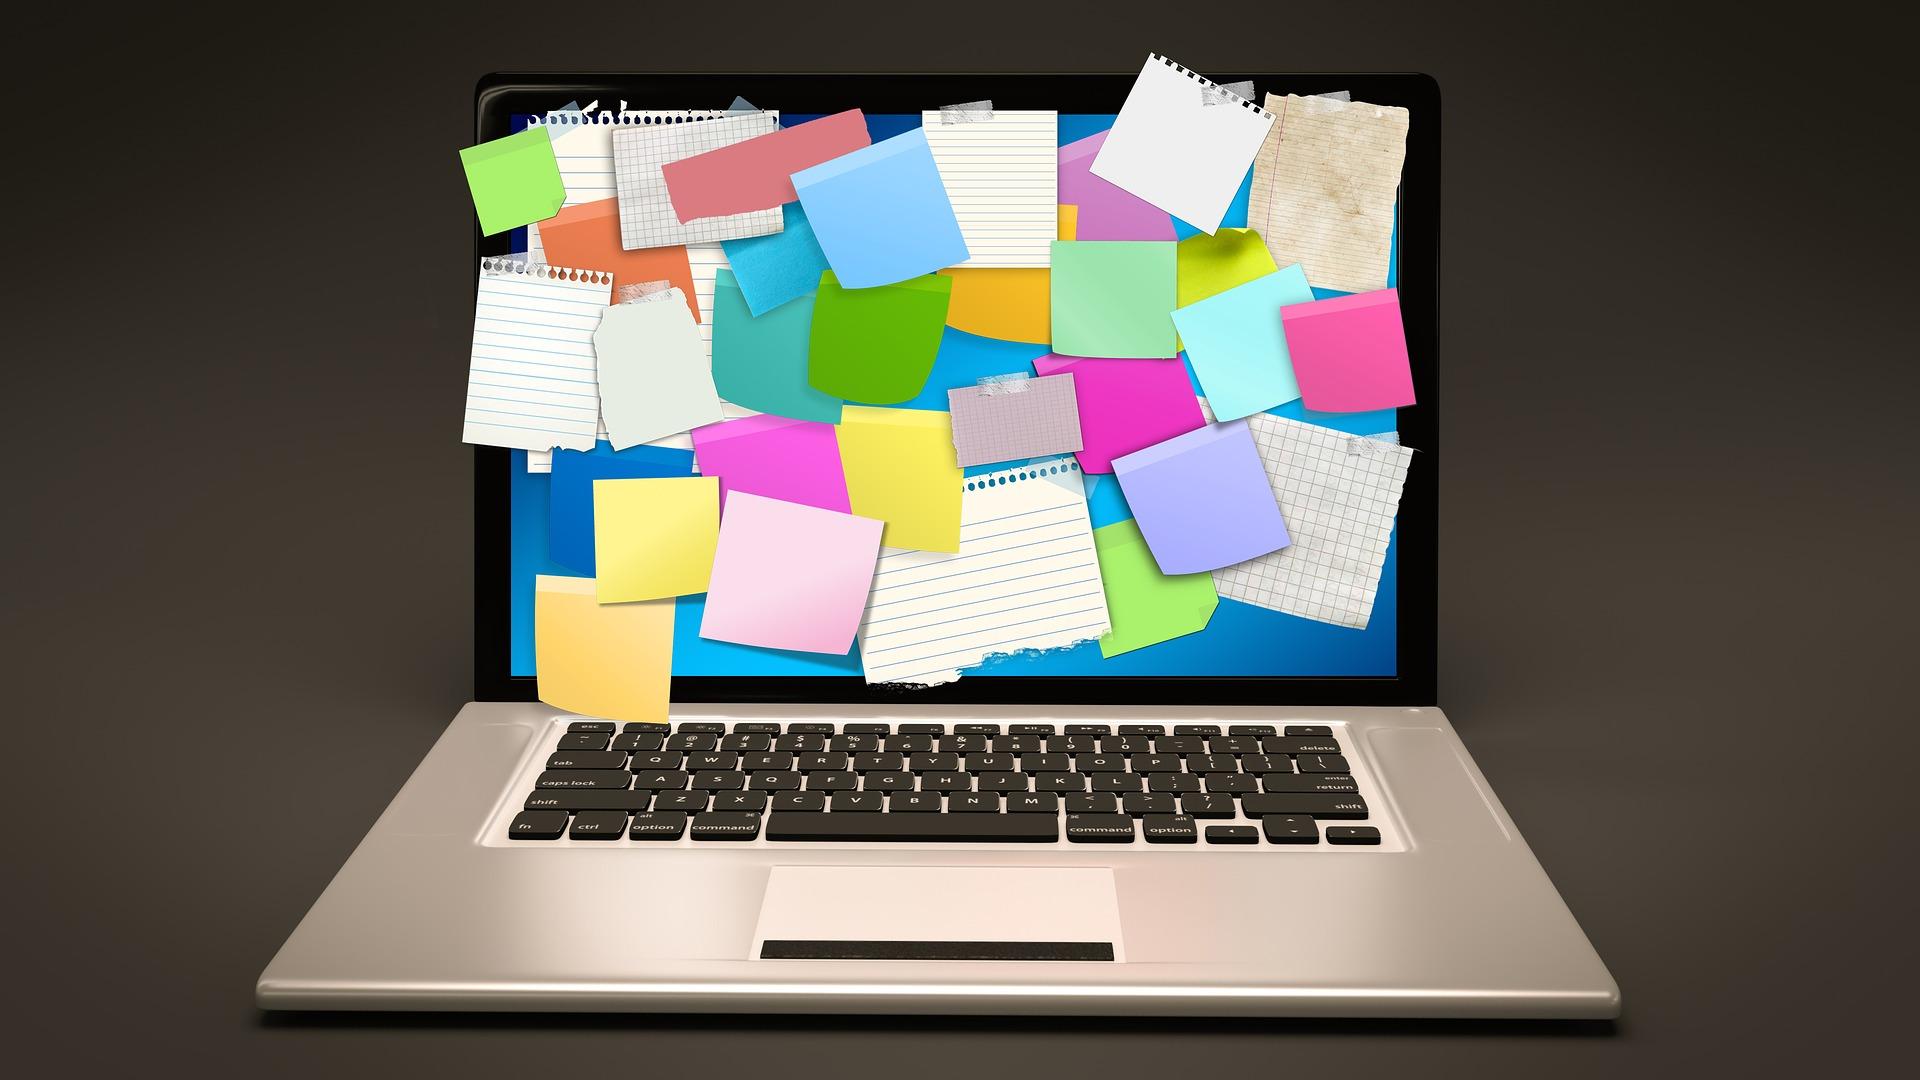 e-Posta Pazarlaması – Tasarımda ve İçerikte Nelere Dikkat Edilmeli?